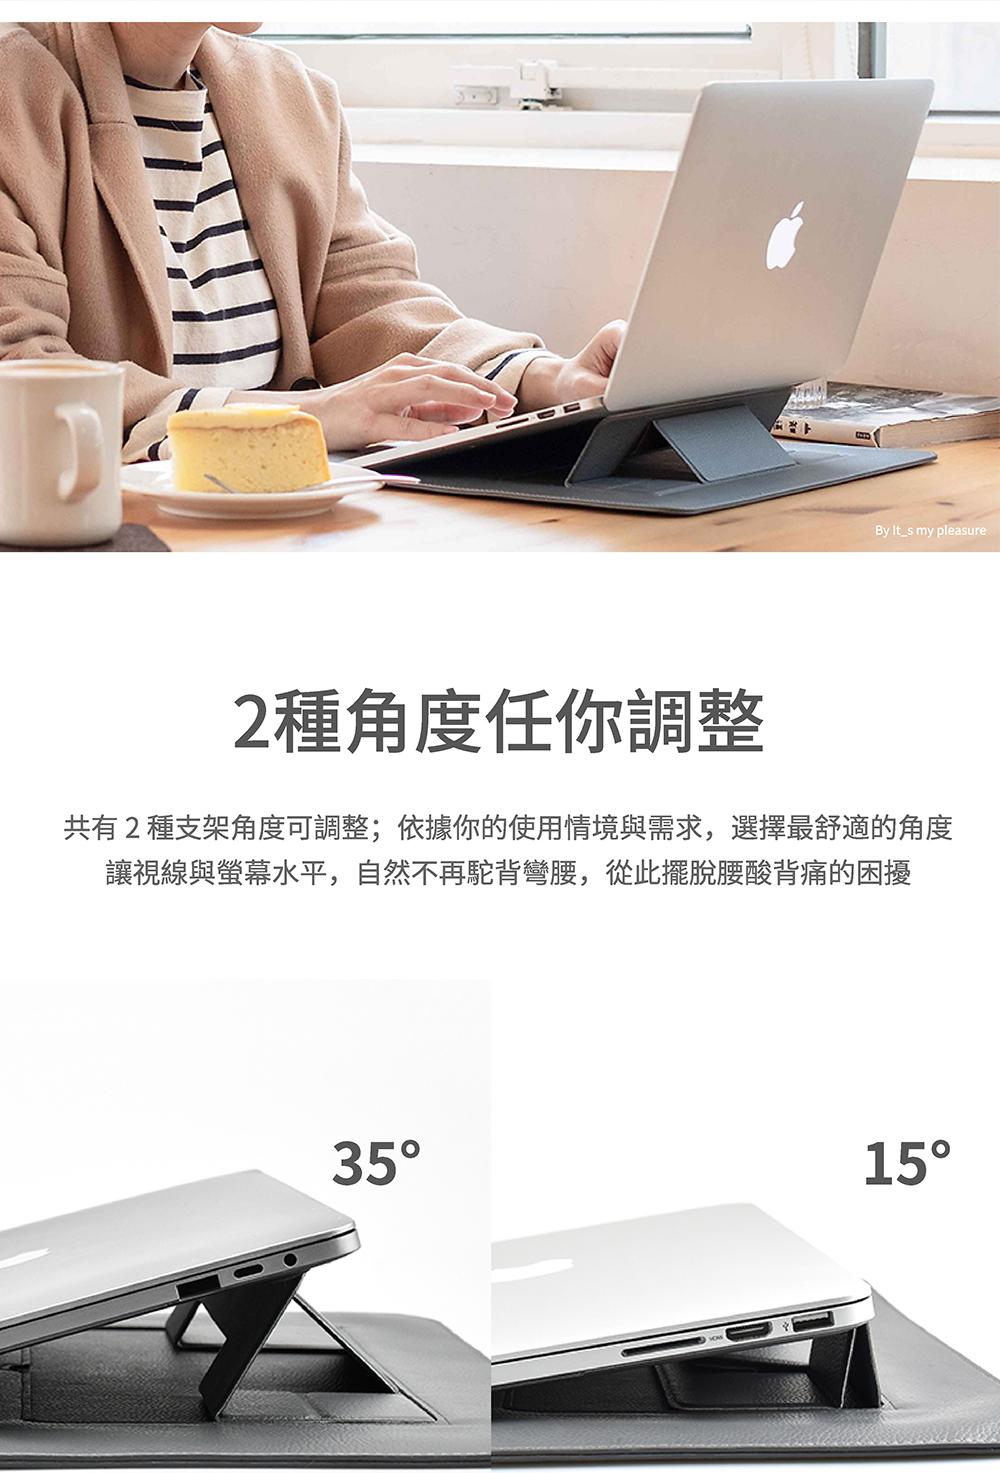 【SINEX】全球首款 3 合 1 變形筆電包 適用13/14吋筆電 (收納包+筆電架+鍵盤手托) - SINEX電腦包簡介 04